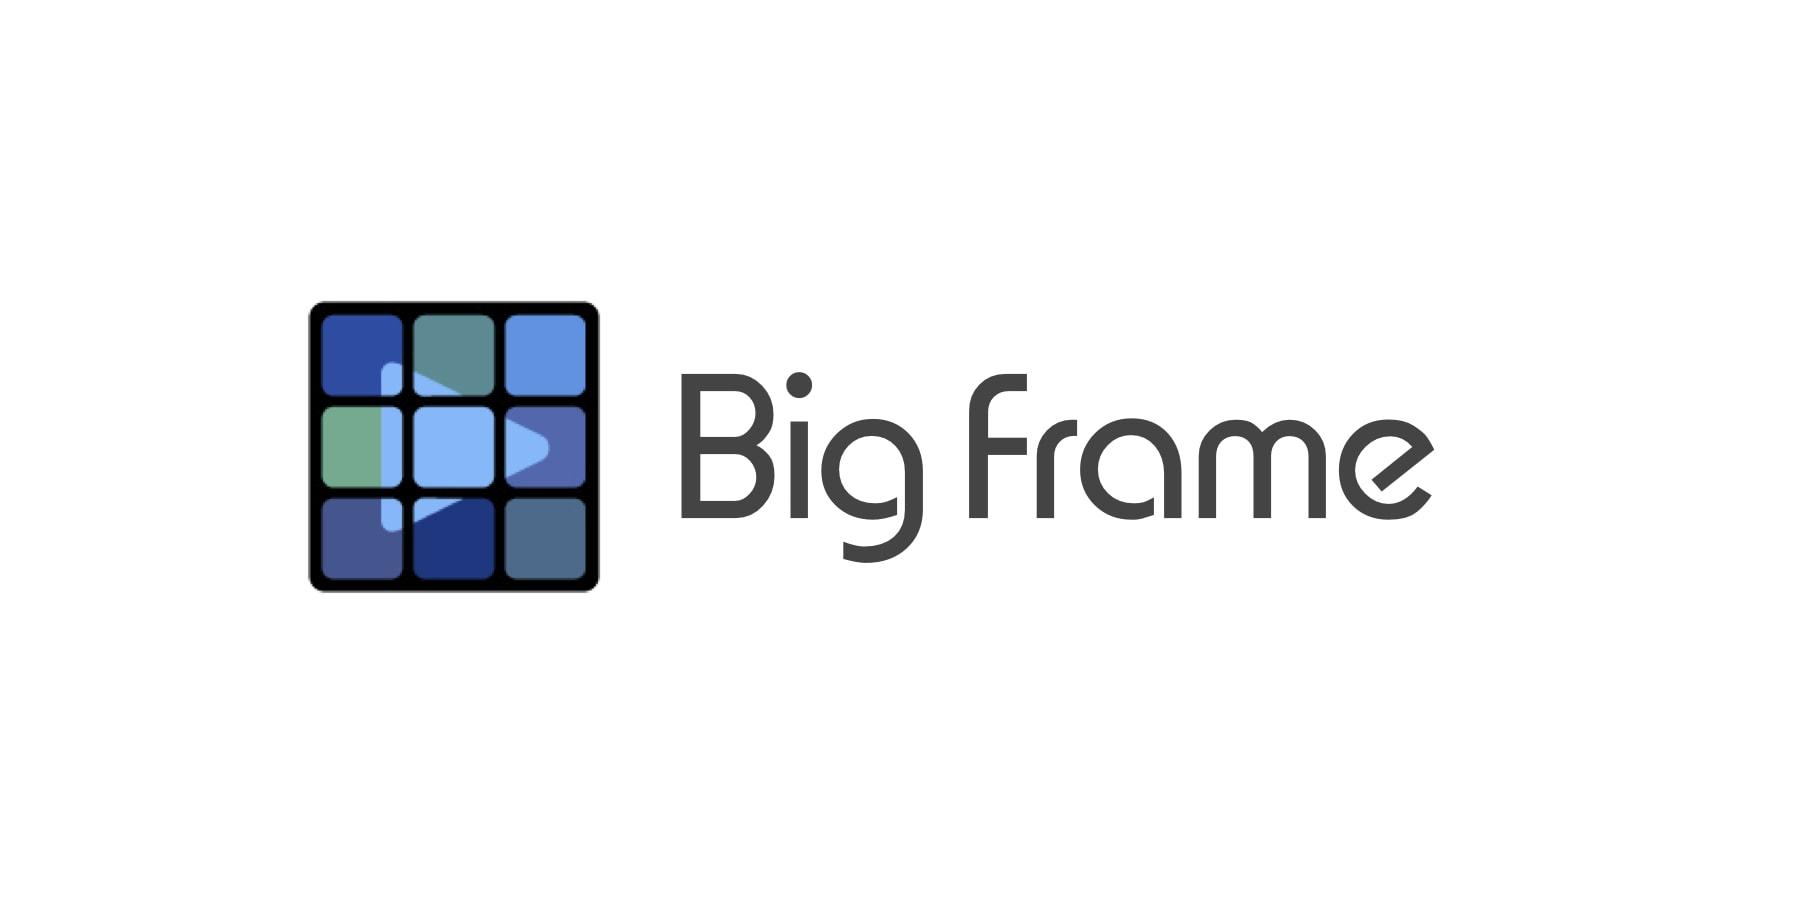 big frame crunchbase